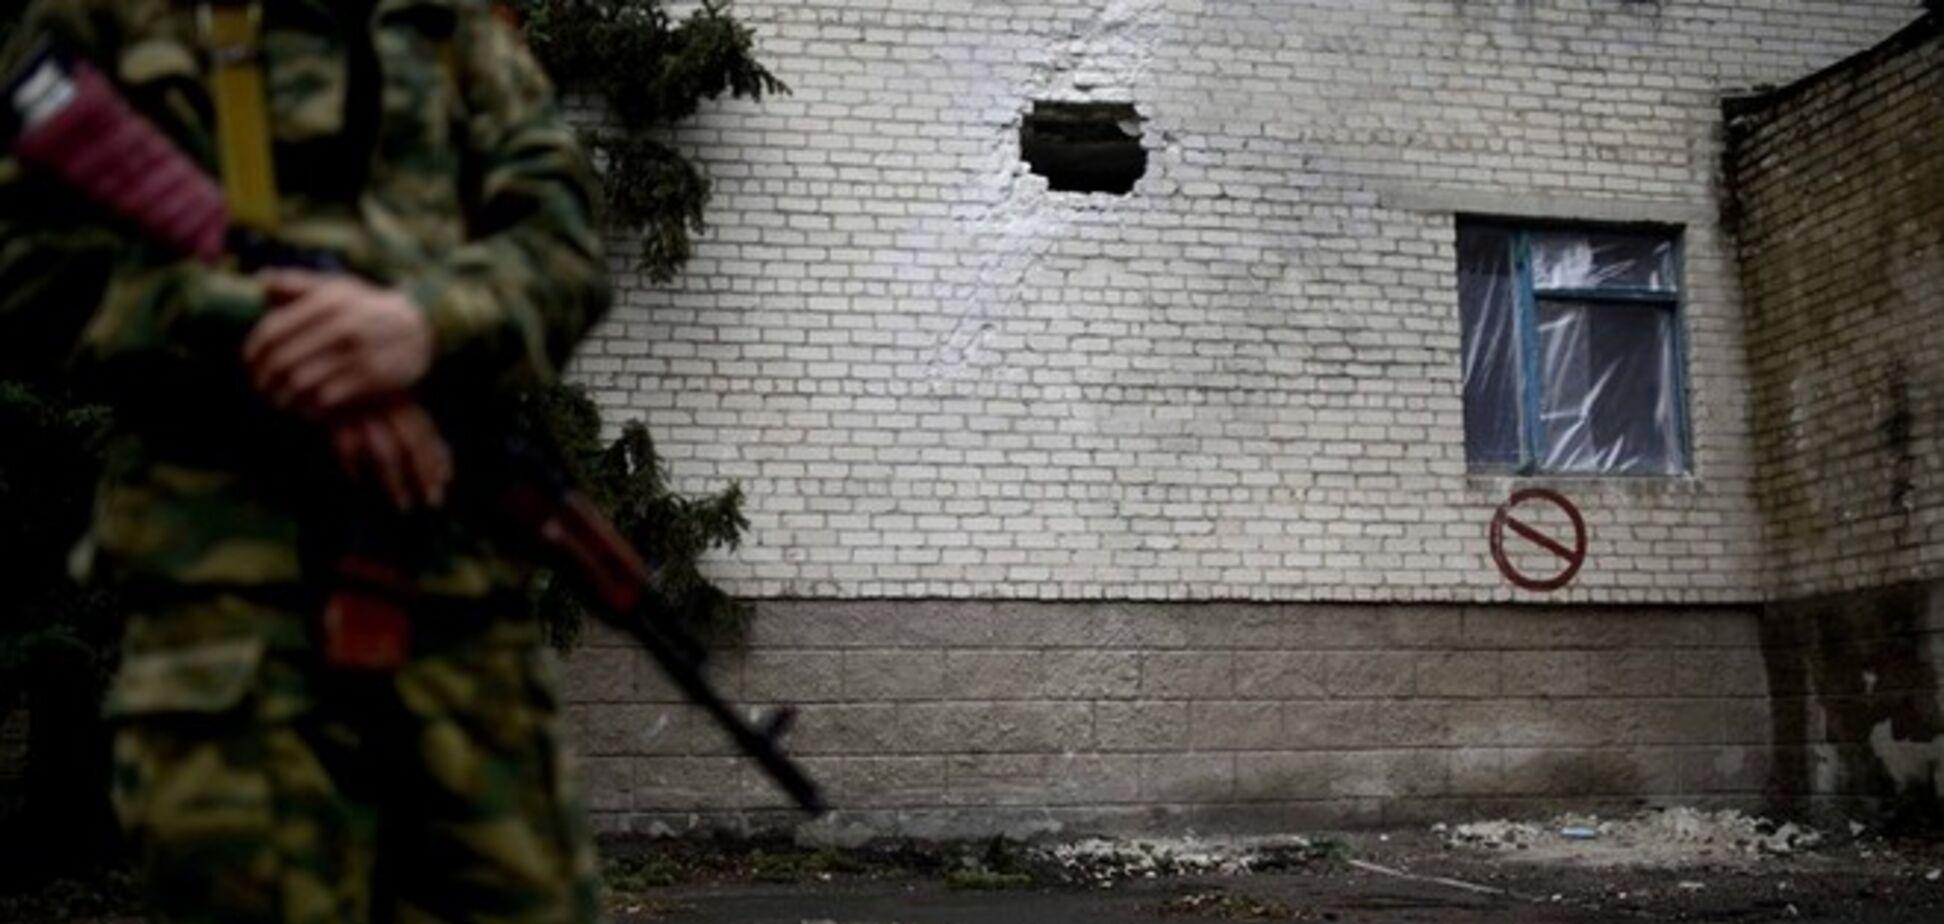 ЮНИСЕФ обеспокоен ситуацией с детьми на востоке Украины